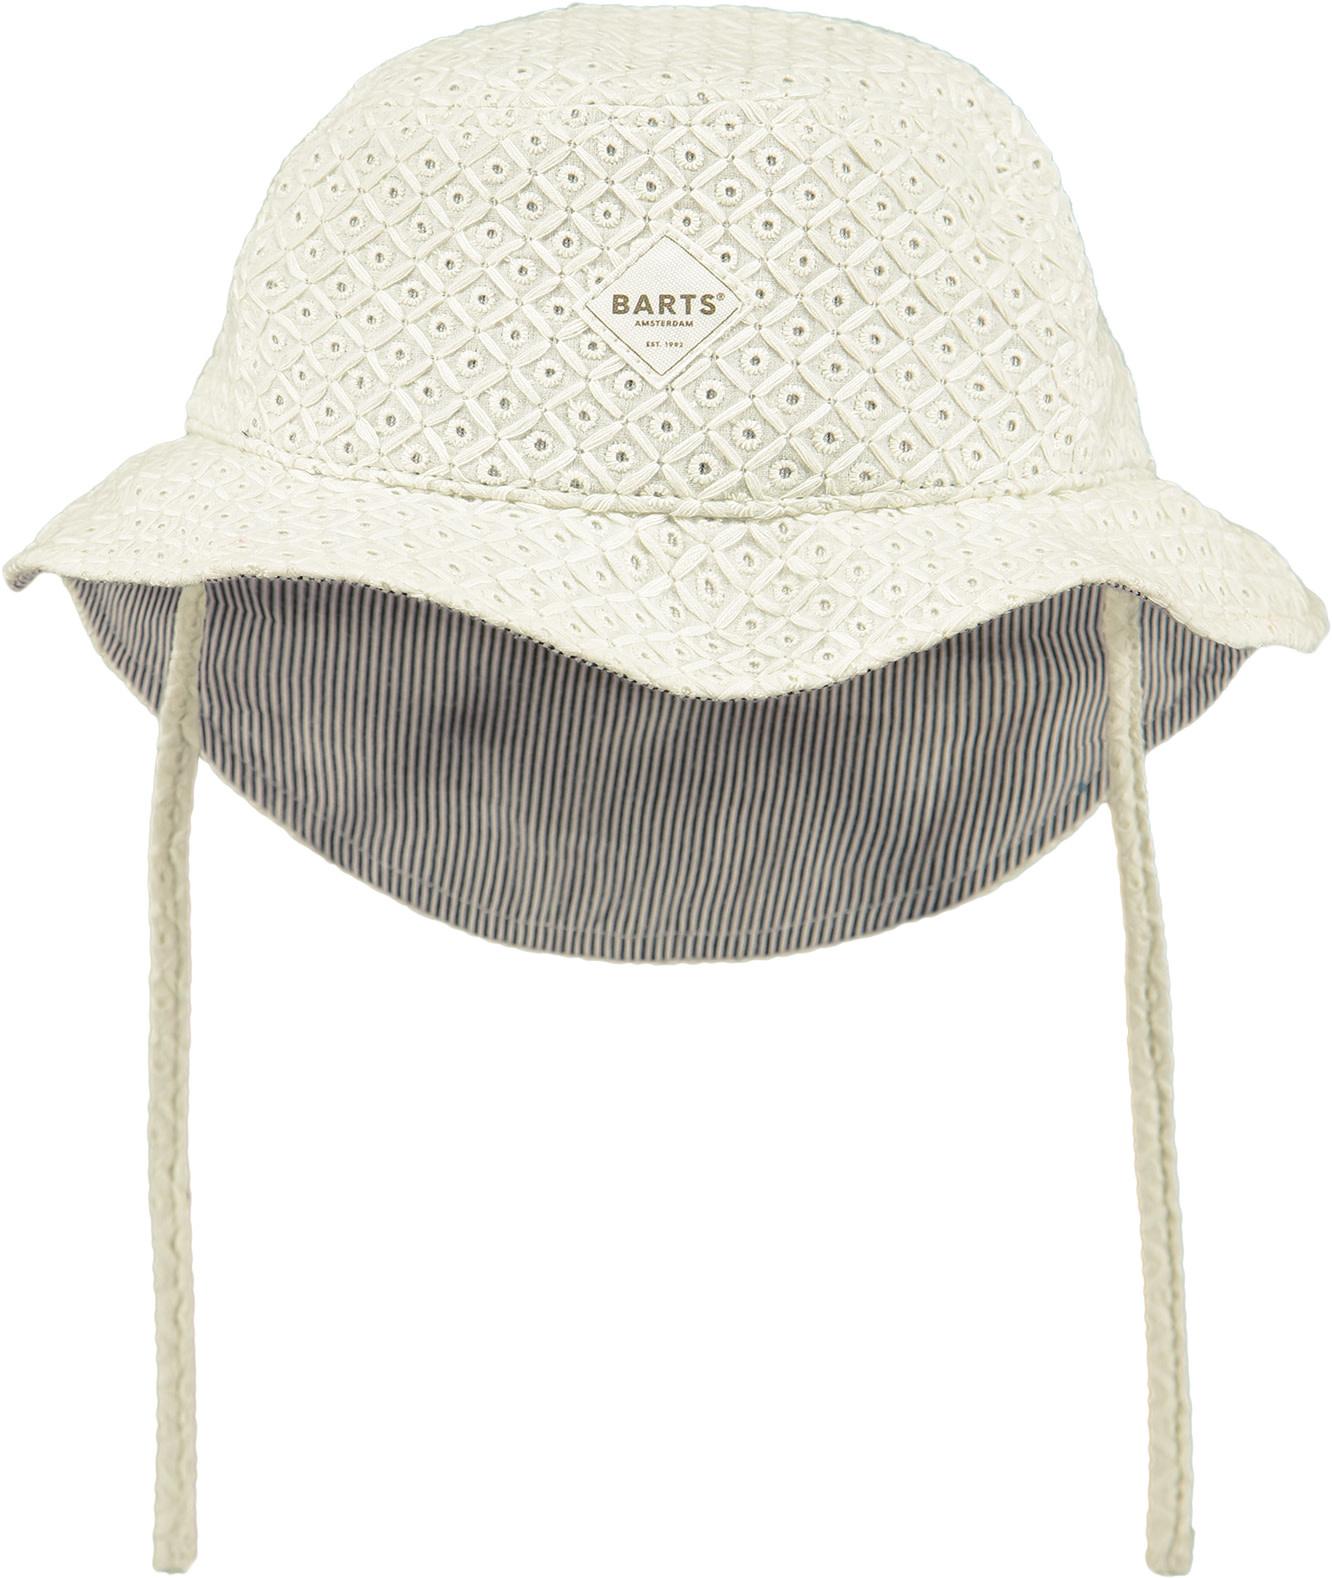 Barts Barts - Lune buckethat white